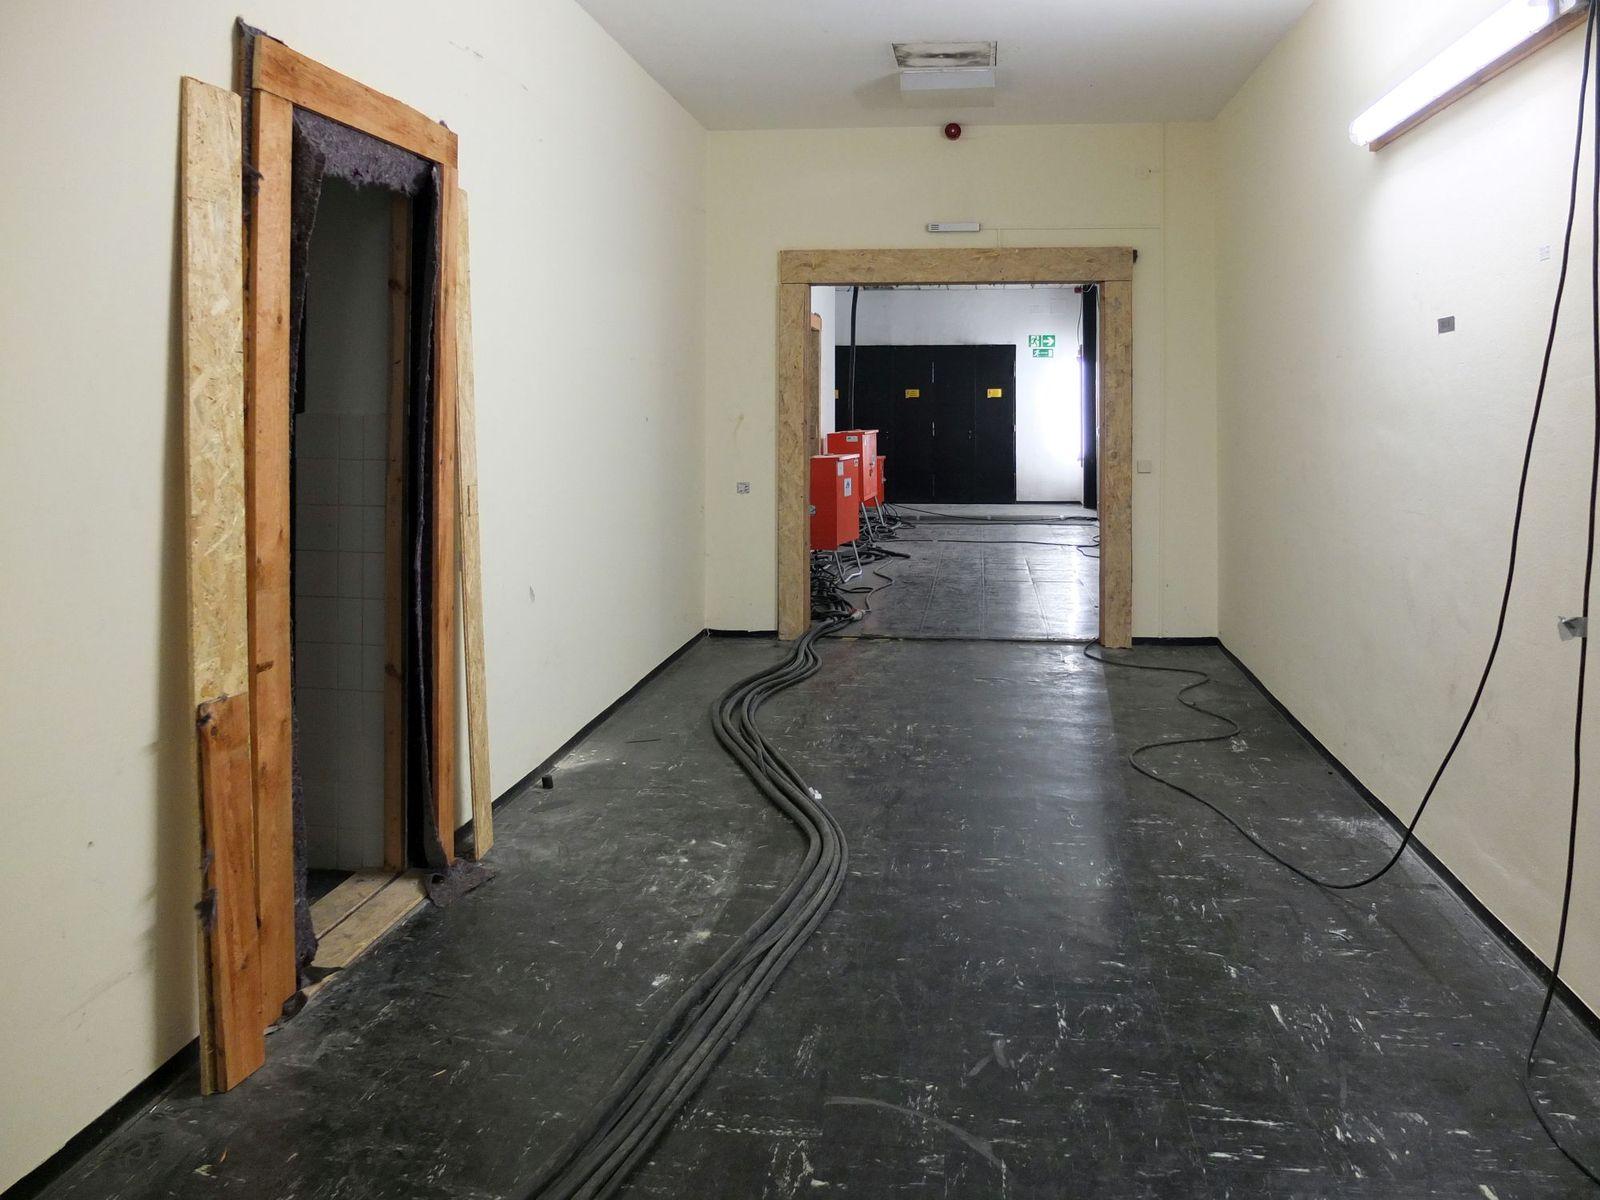 Flur im Untergeschoss der Neuen Nationalgalerie. Foto: schmedding.vonmarlin